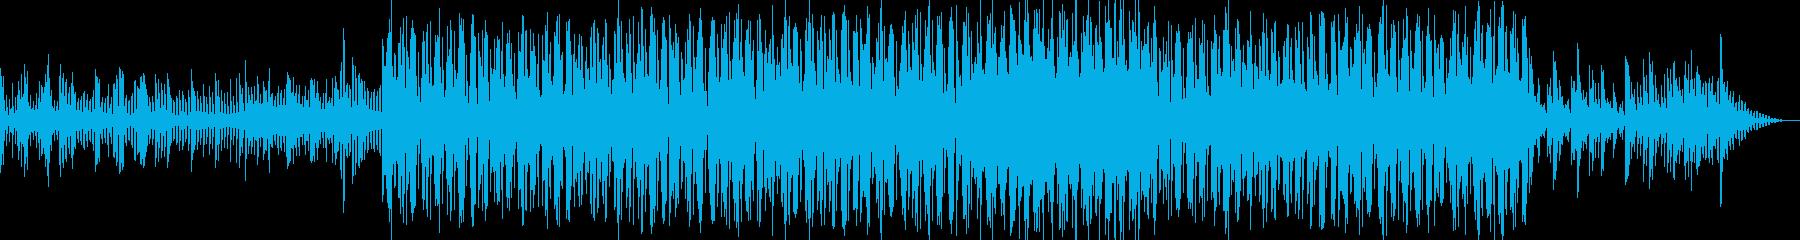 恐怖・不安・悲哀・サスペンスのピアノ曲の再生済みの波形